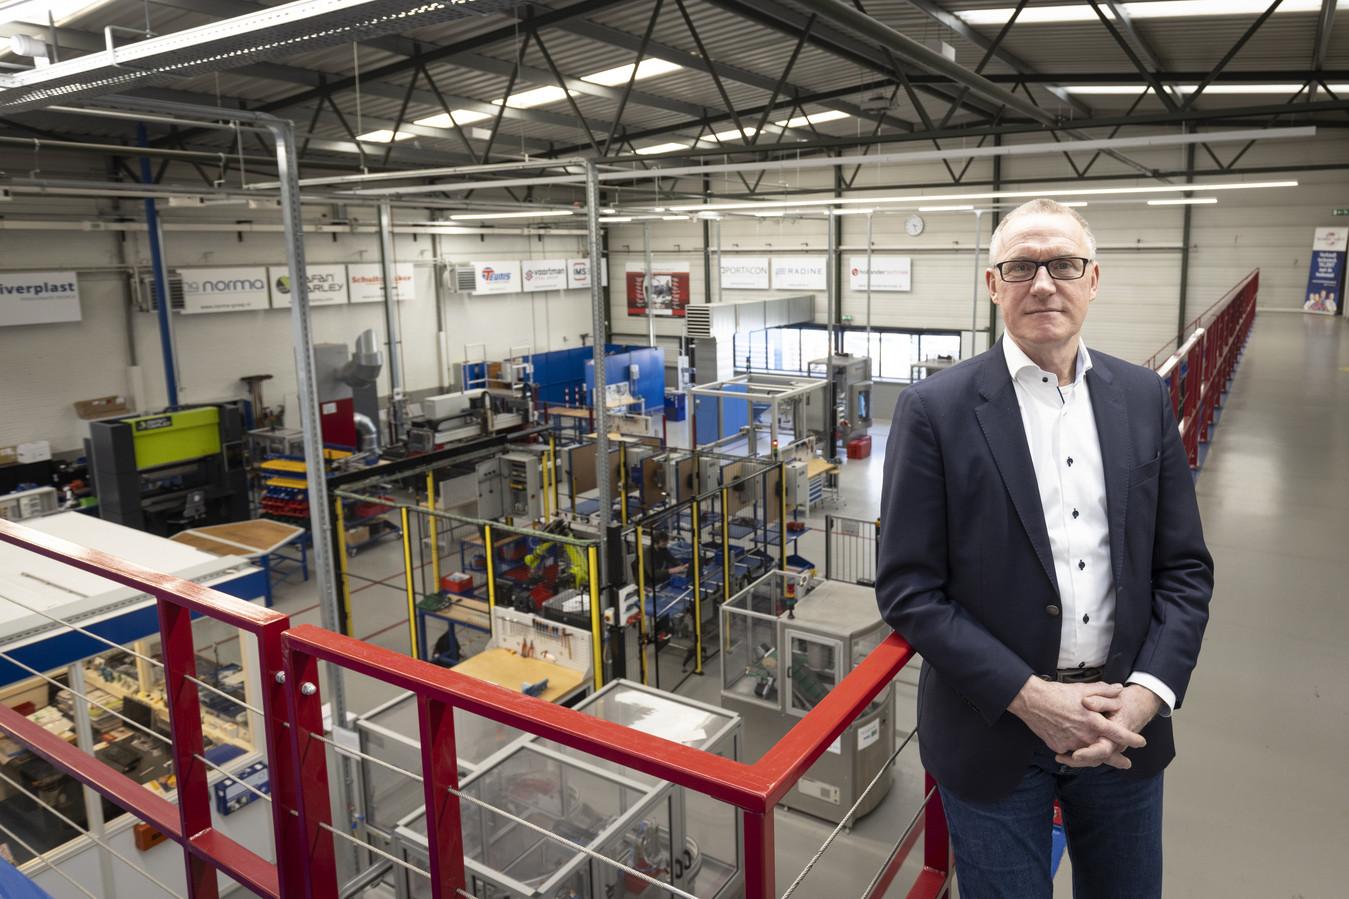 Ondanks de crisis gaat het goed met REMO West Twente, de regionale opleider voor de metaal, elektro, installatie en mechatronica. Dat ziet ook Gerrit Schalk, directeur van het technische opleidingscentrum.